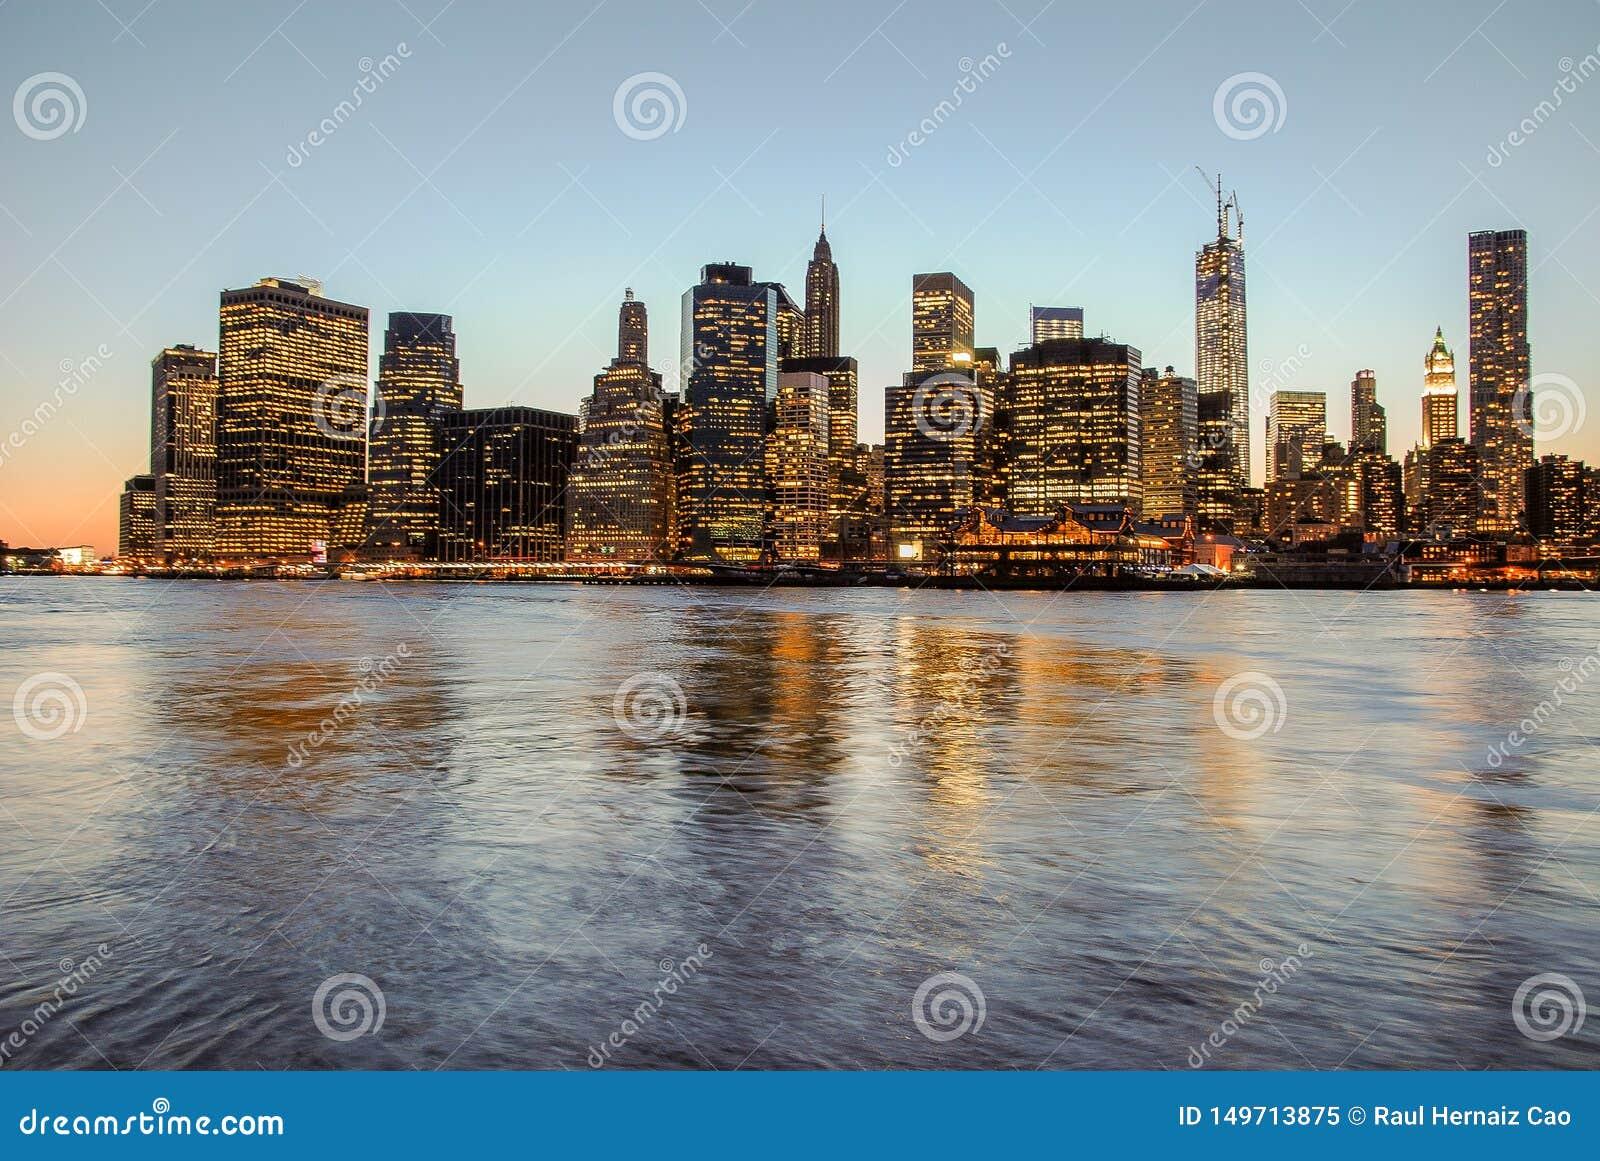 Vista strabiliante di orizzonte di Manhattan al tramonto, chiuso alla notte Vista piacevole da Brooklyn